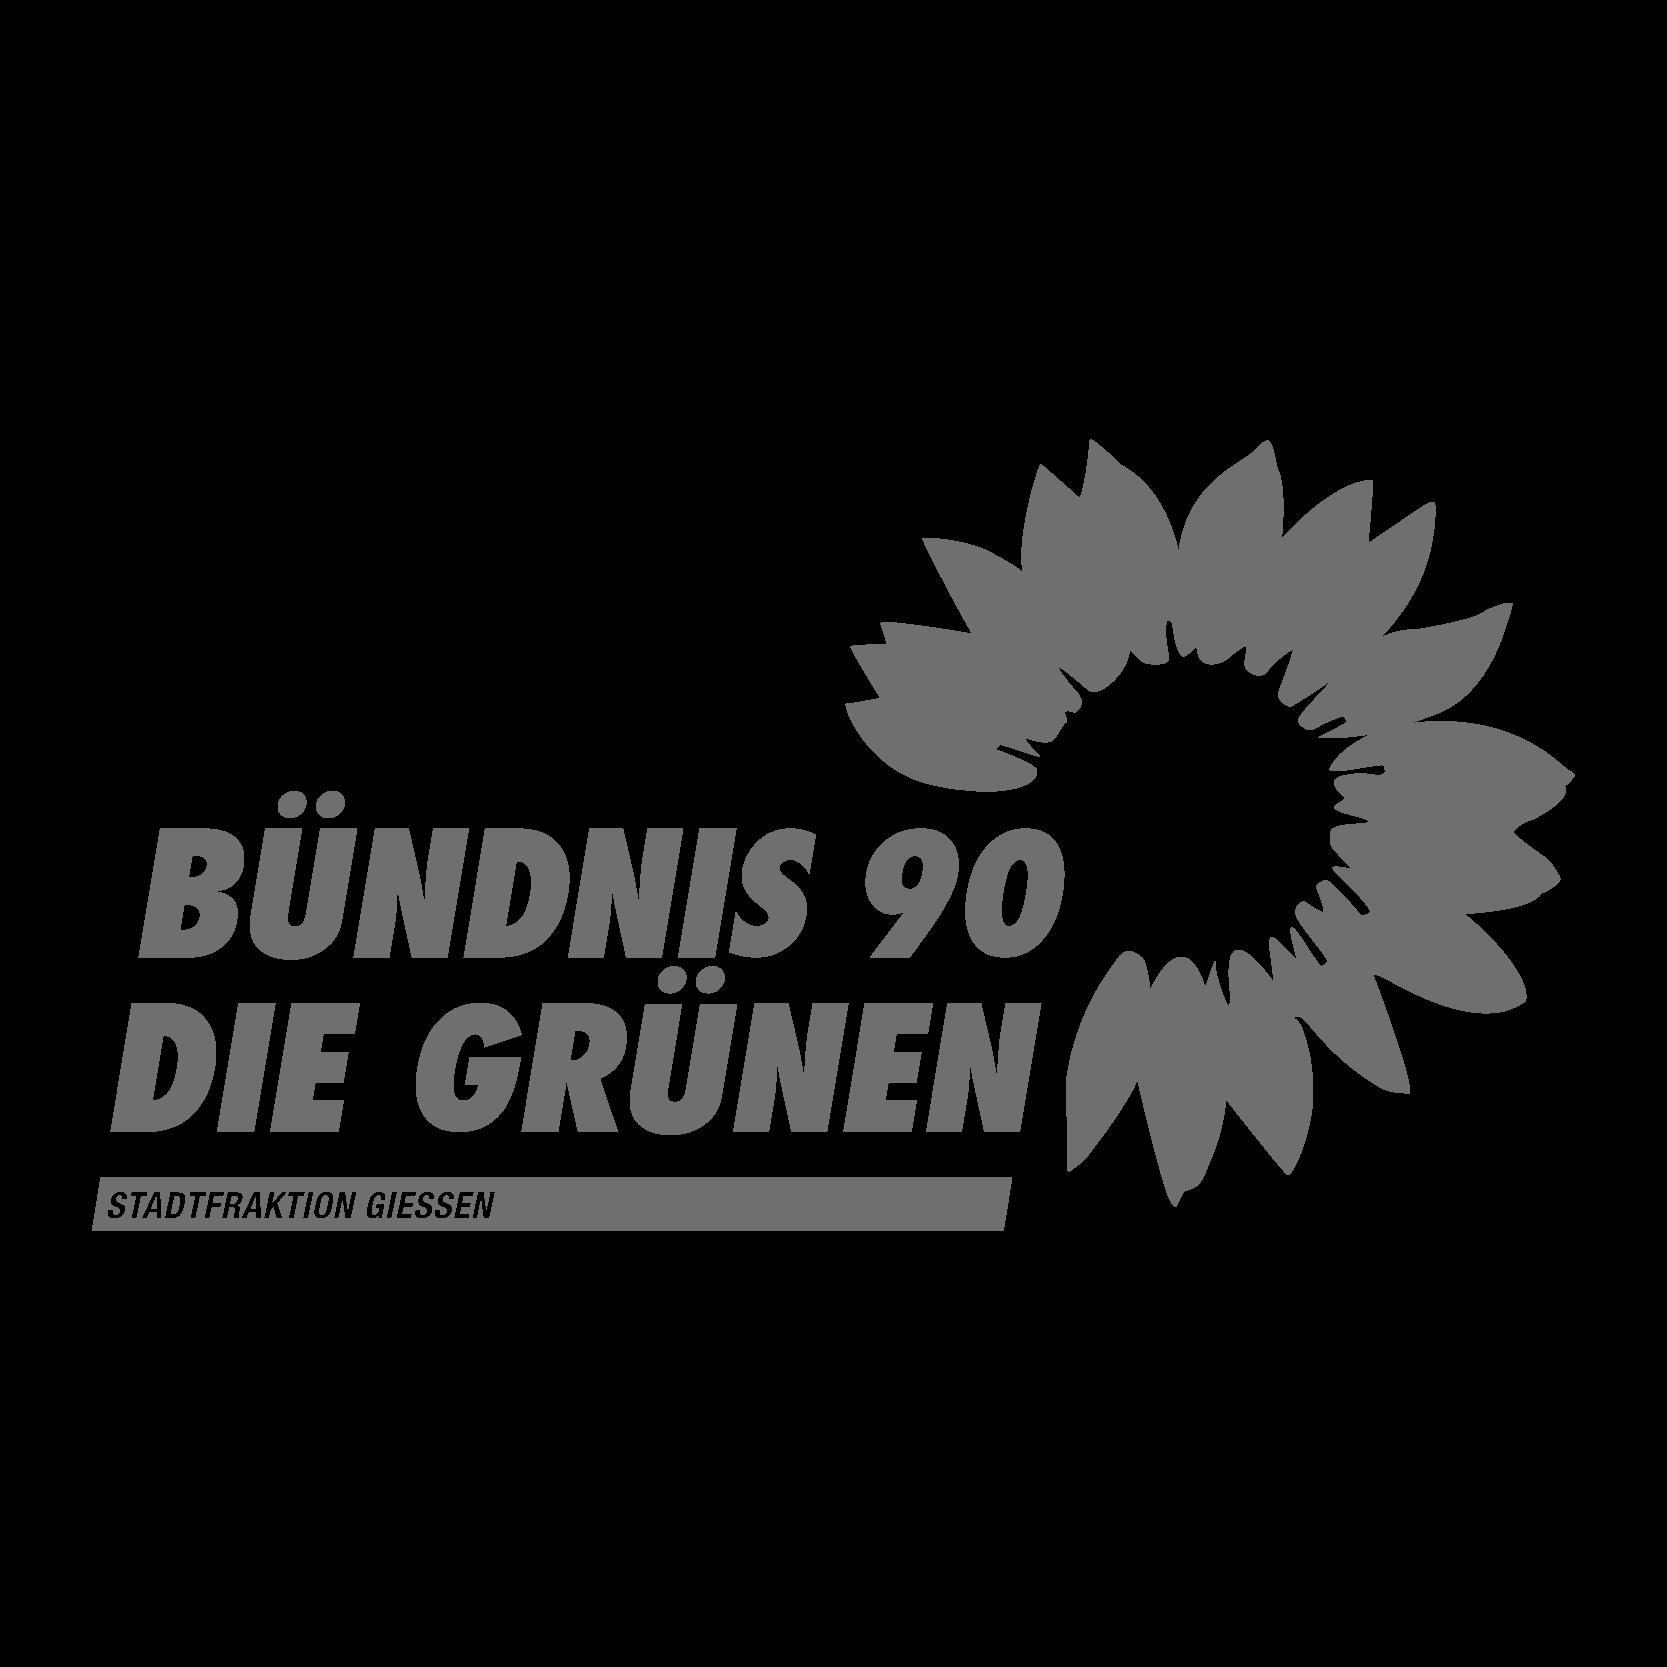 Die Grünen - Stadtfraktion Gießen